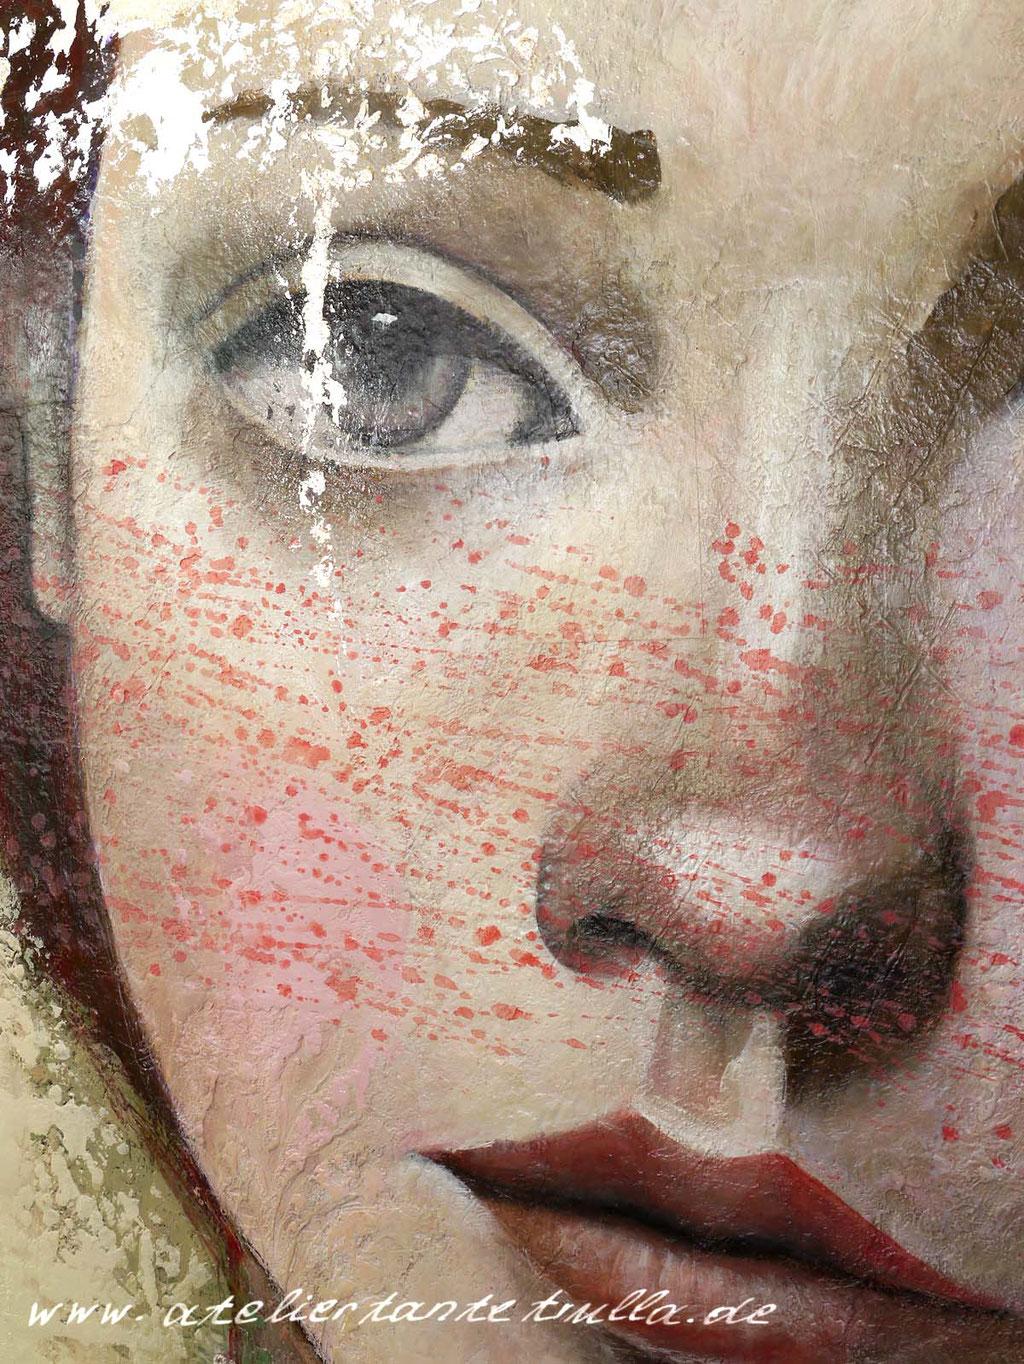 Mixed Media Gemaelde Gesicht Frau mit roten Haaren